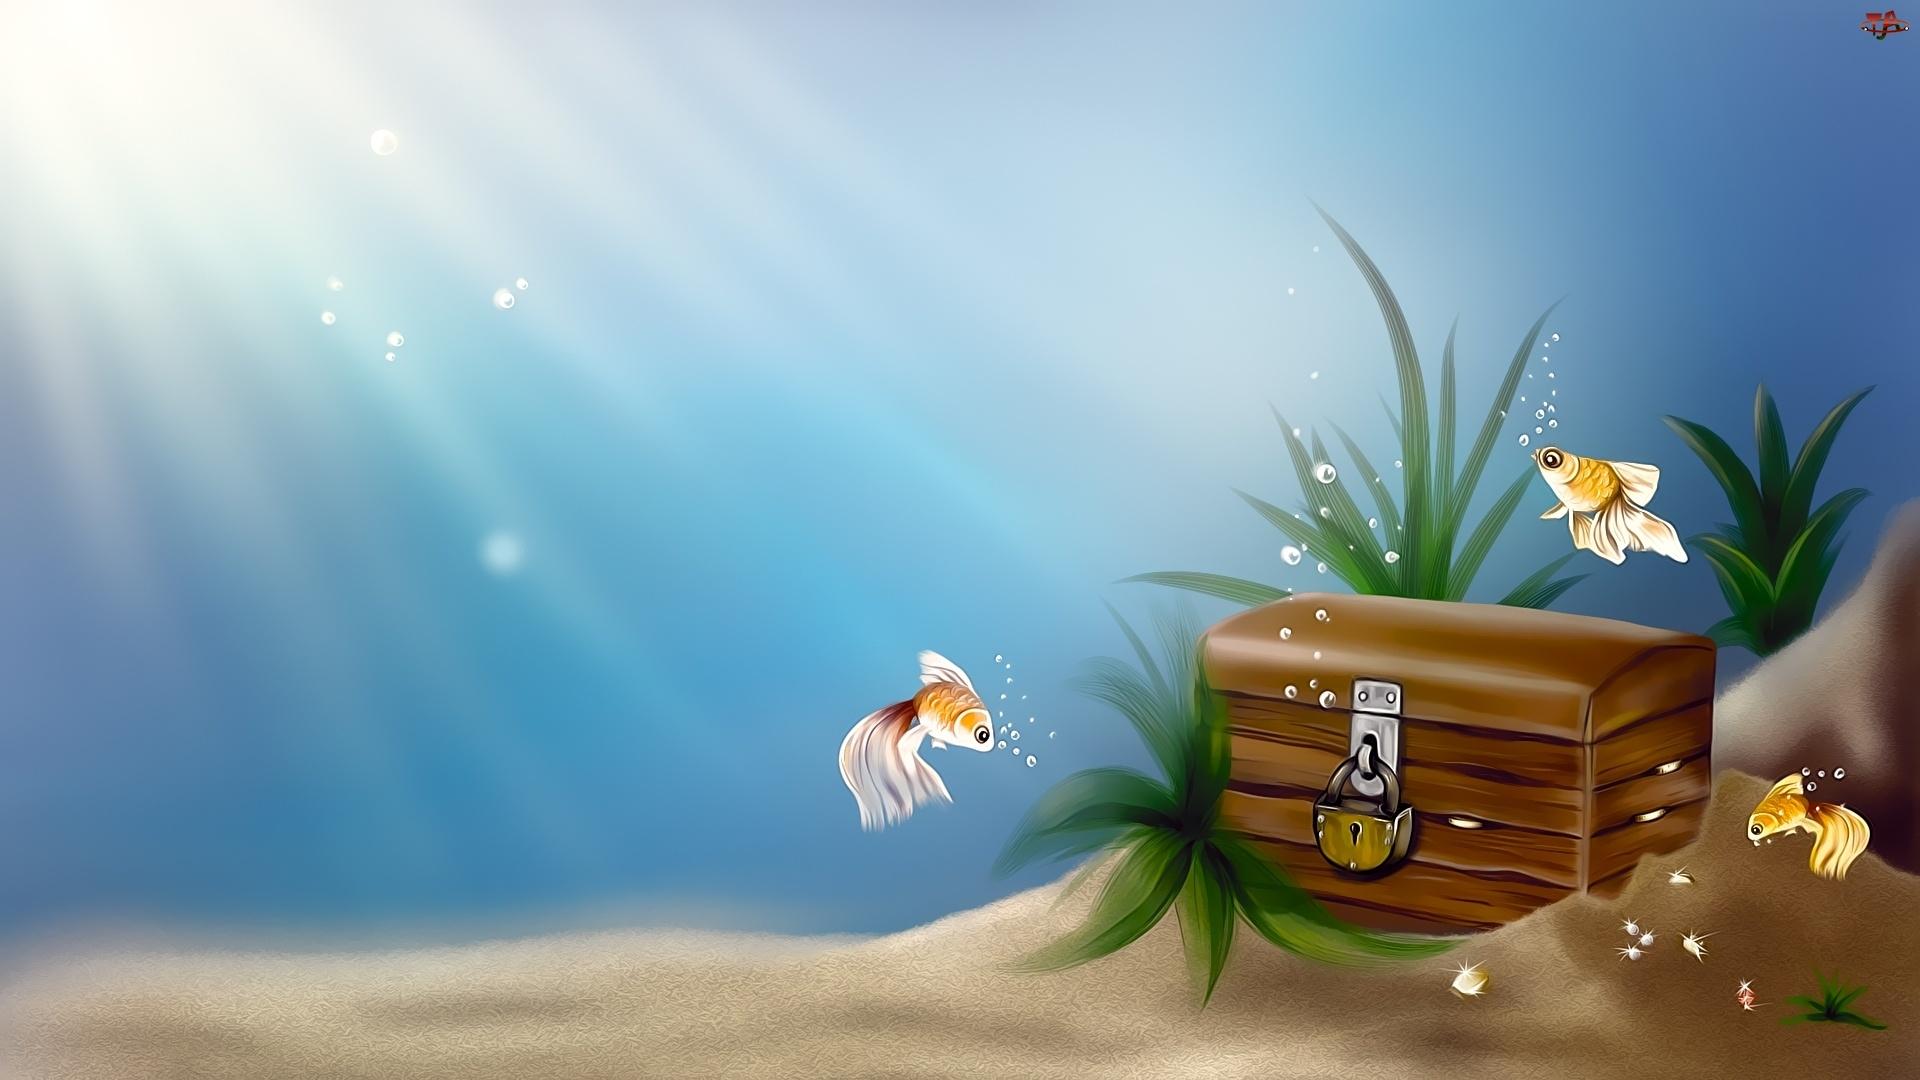 Dno, Ryby, Morza, Skrzynia